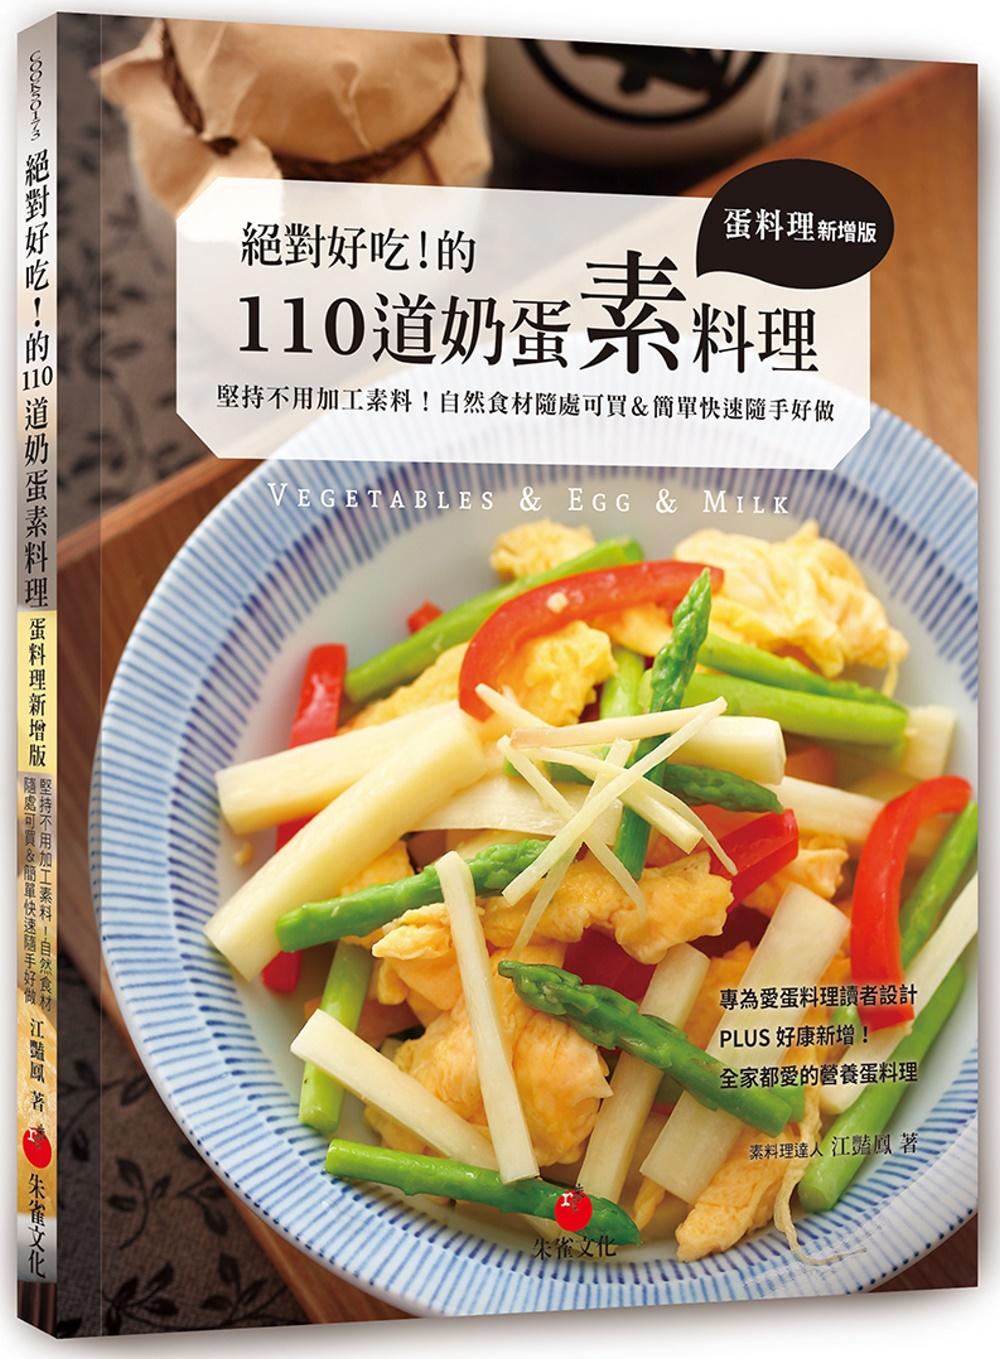 絕對好吃!的110道奶蛋素料理:堅持不用加工素料!自然食材隨處可買&簡單快速隨手好做【蛋料理新增版】